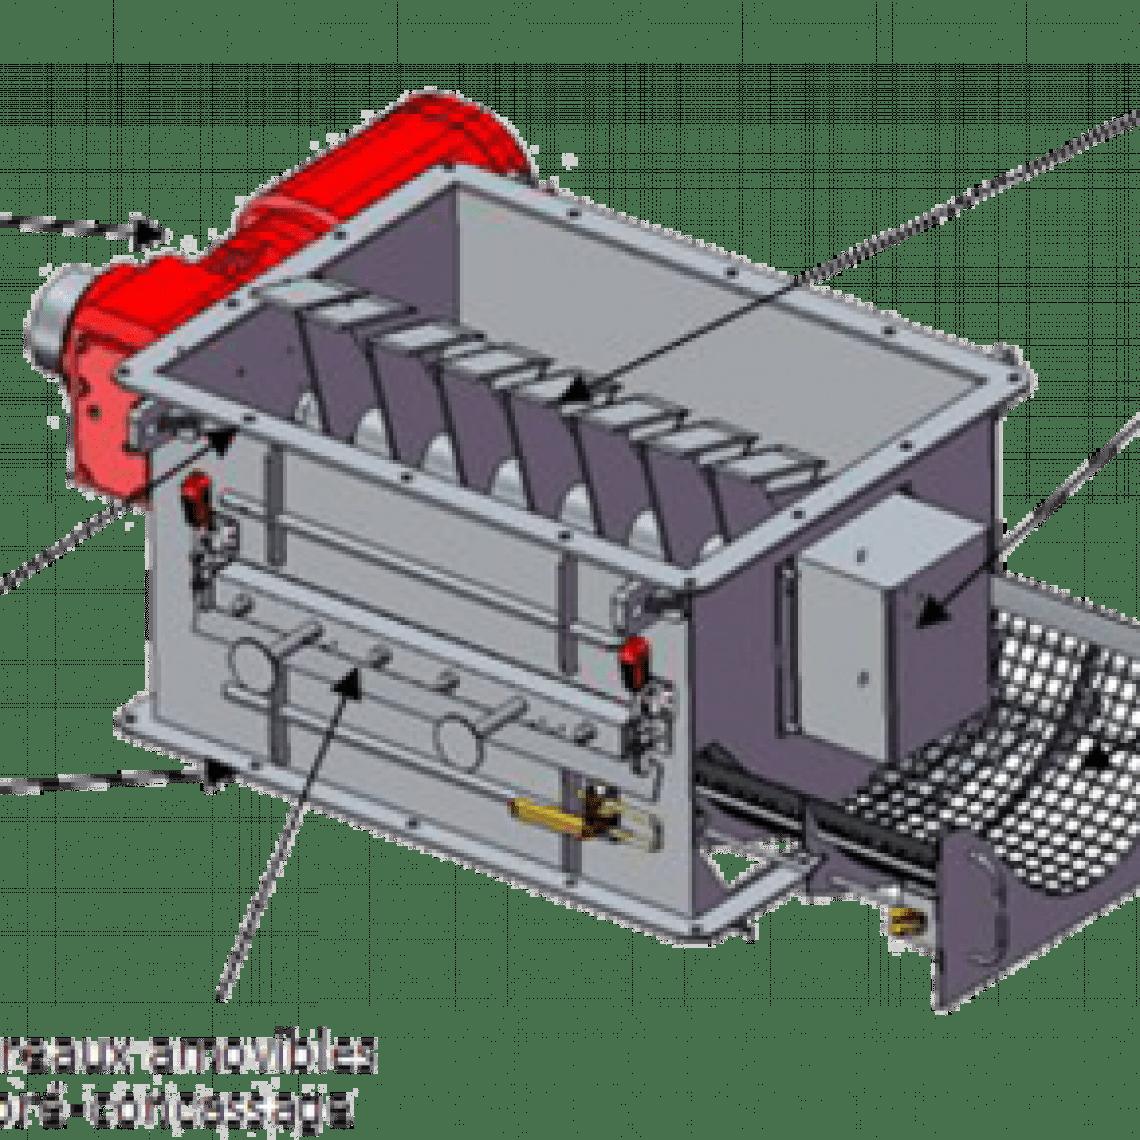 granulateur caracteristiques techniques plan palamatic process